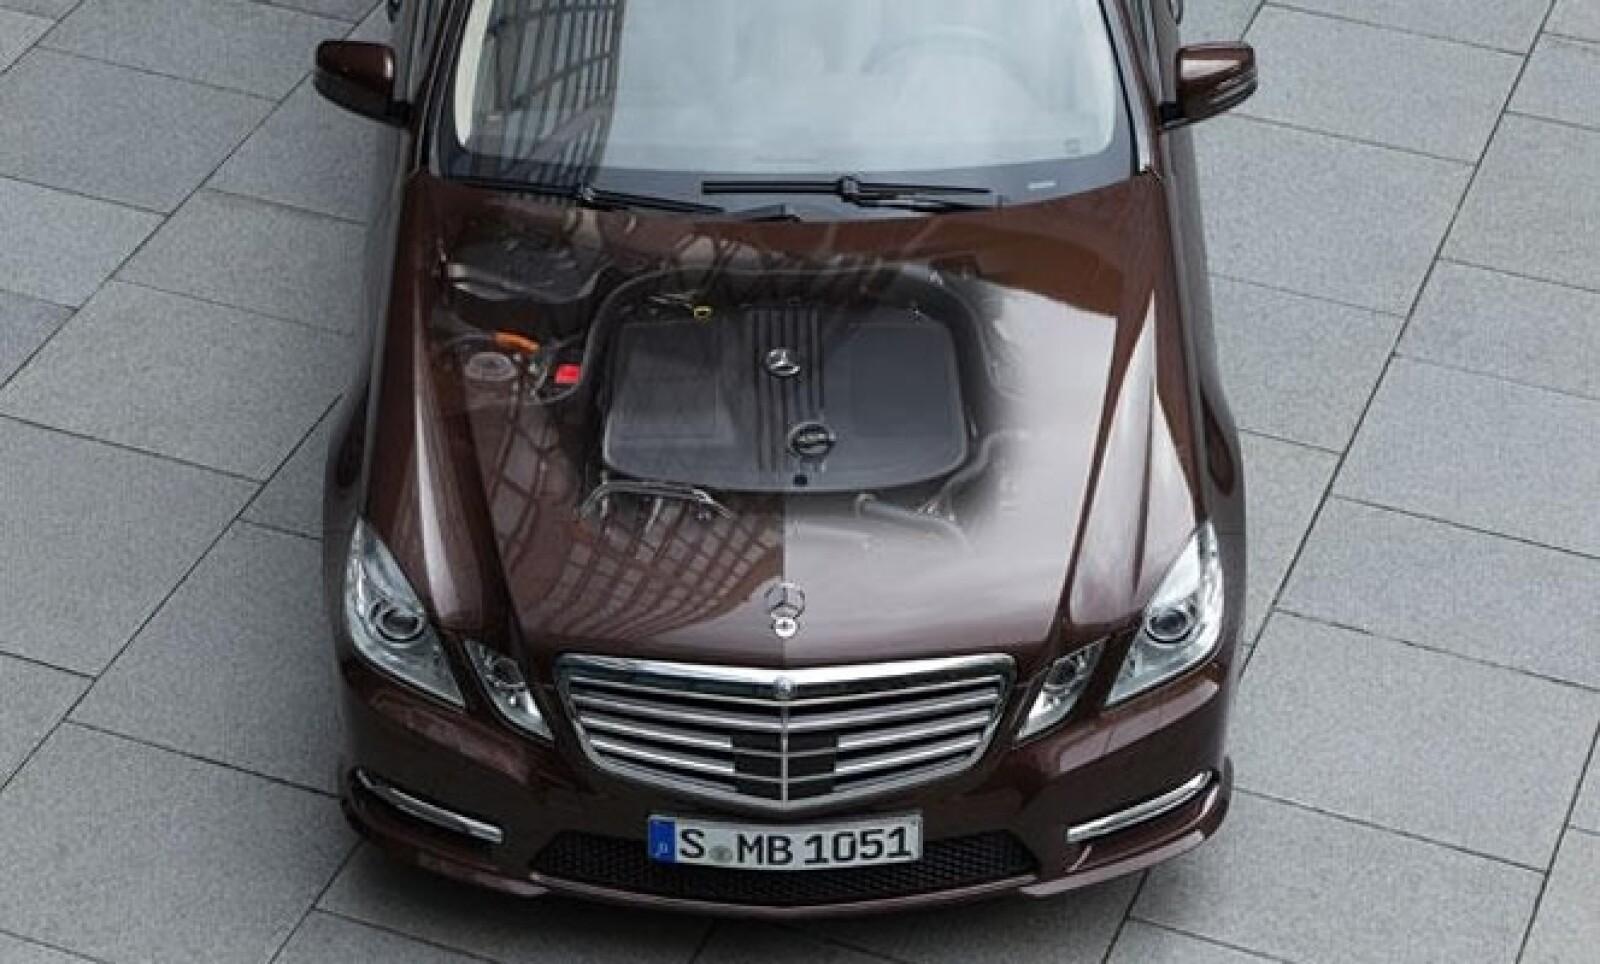 Incorpora un motor diésel de 2.1 litros y 204 caballos de vapor (CV) de potencia que se acopla con un impulsor eléctrico que proporciona 27 CV.